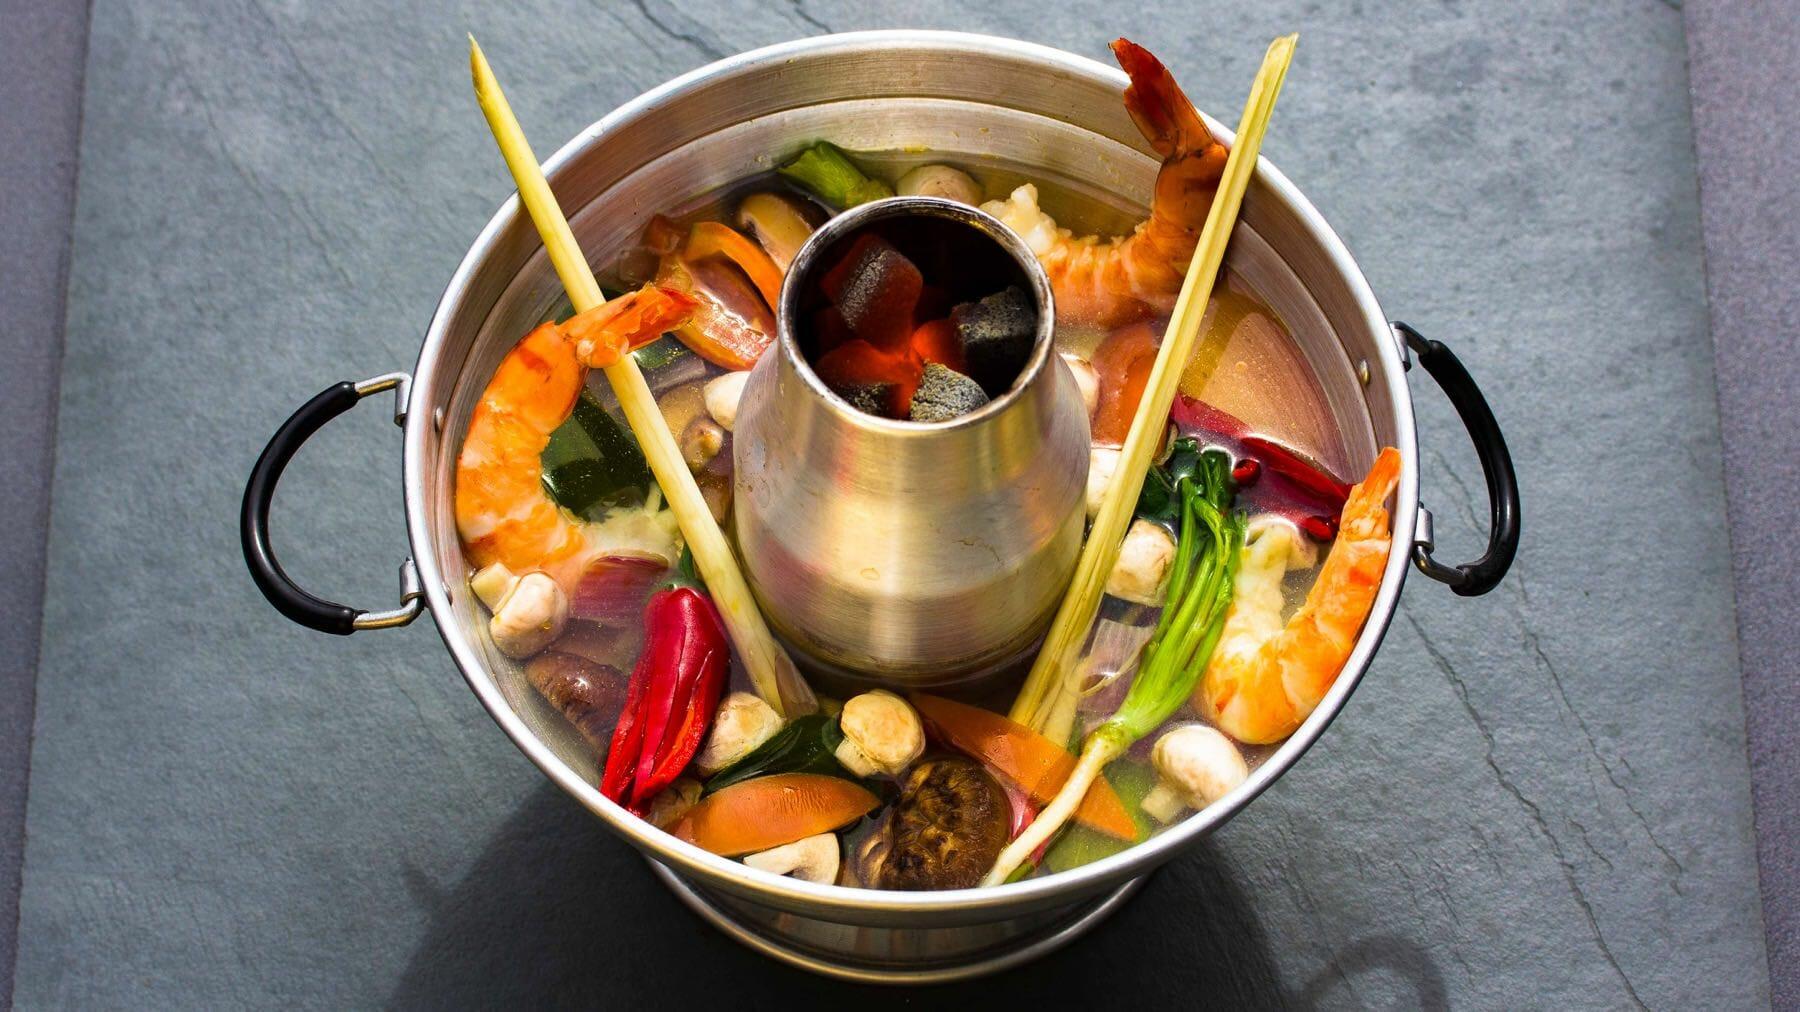 Scharf-Saure Garnelensuppe aus Thailand – Tom Yam Gung